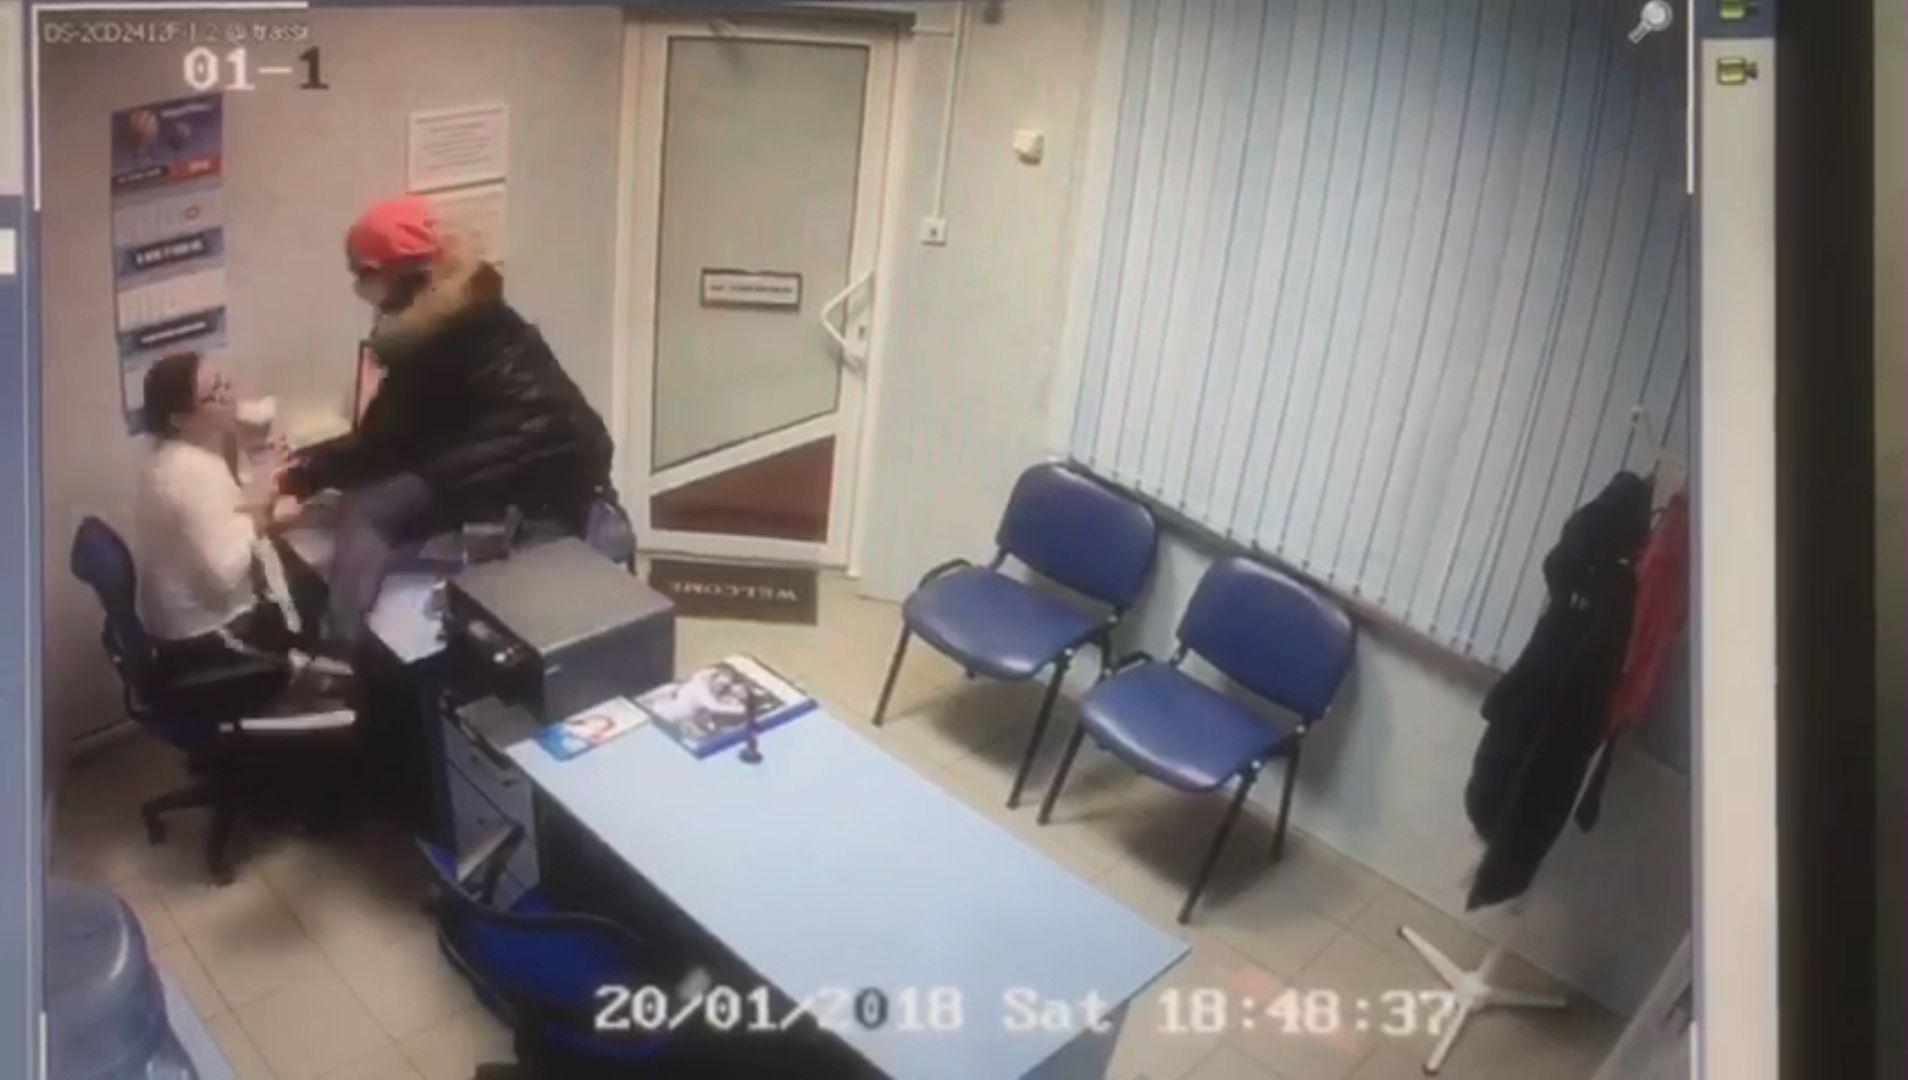 ВКраснодаре 35-летняя женщина сножом ограбила два офиса микрозаймов